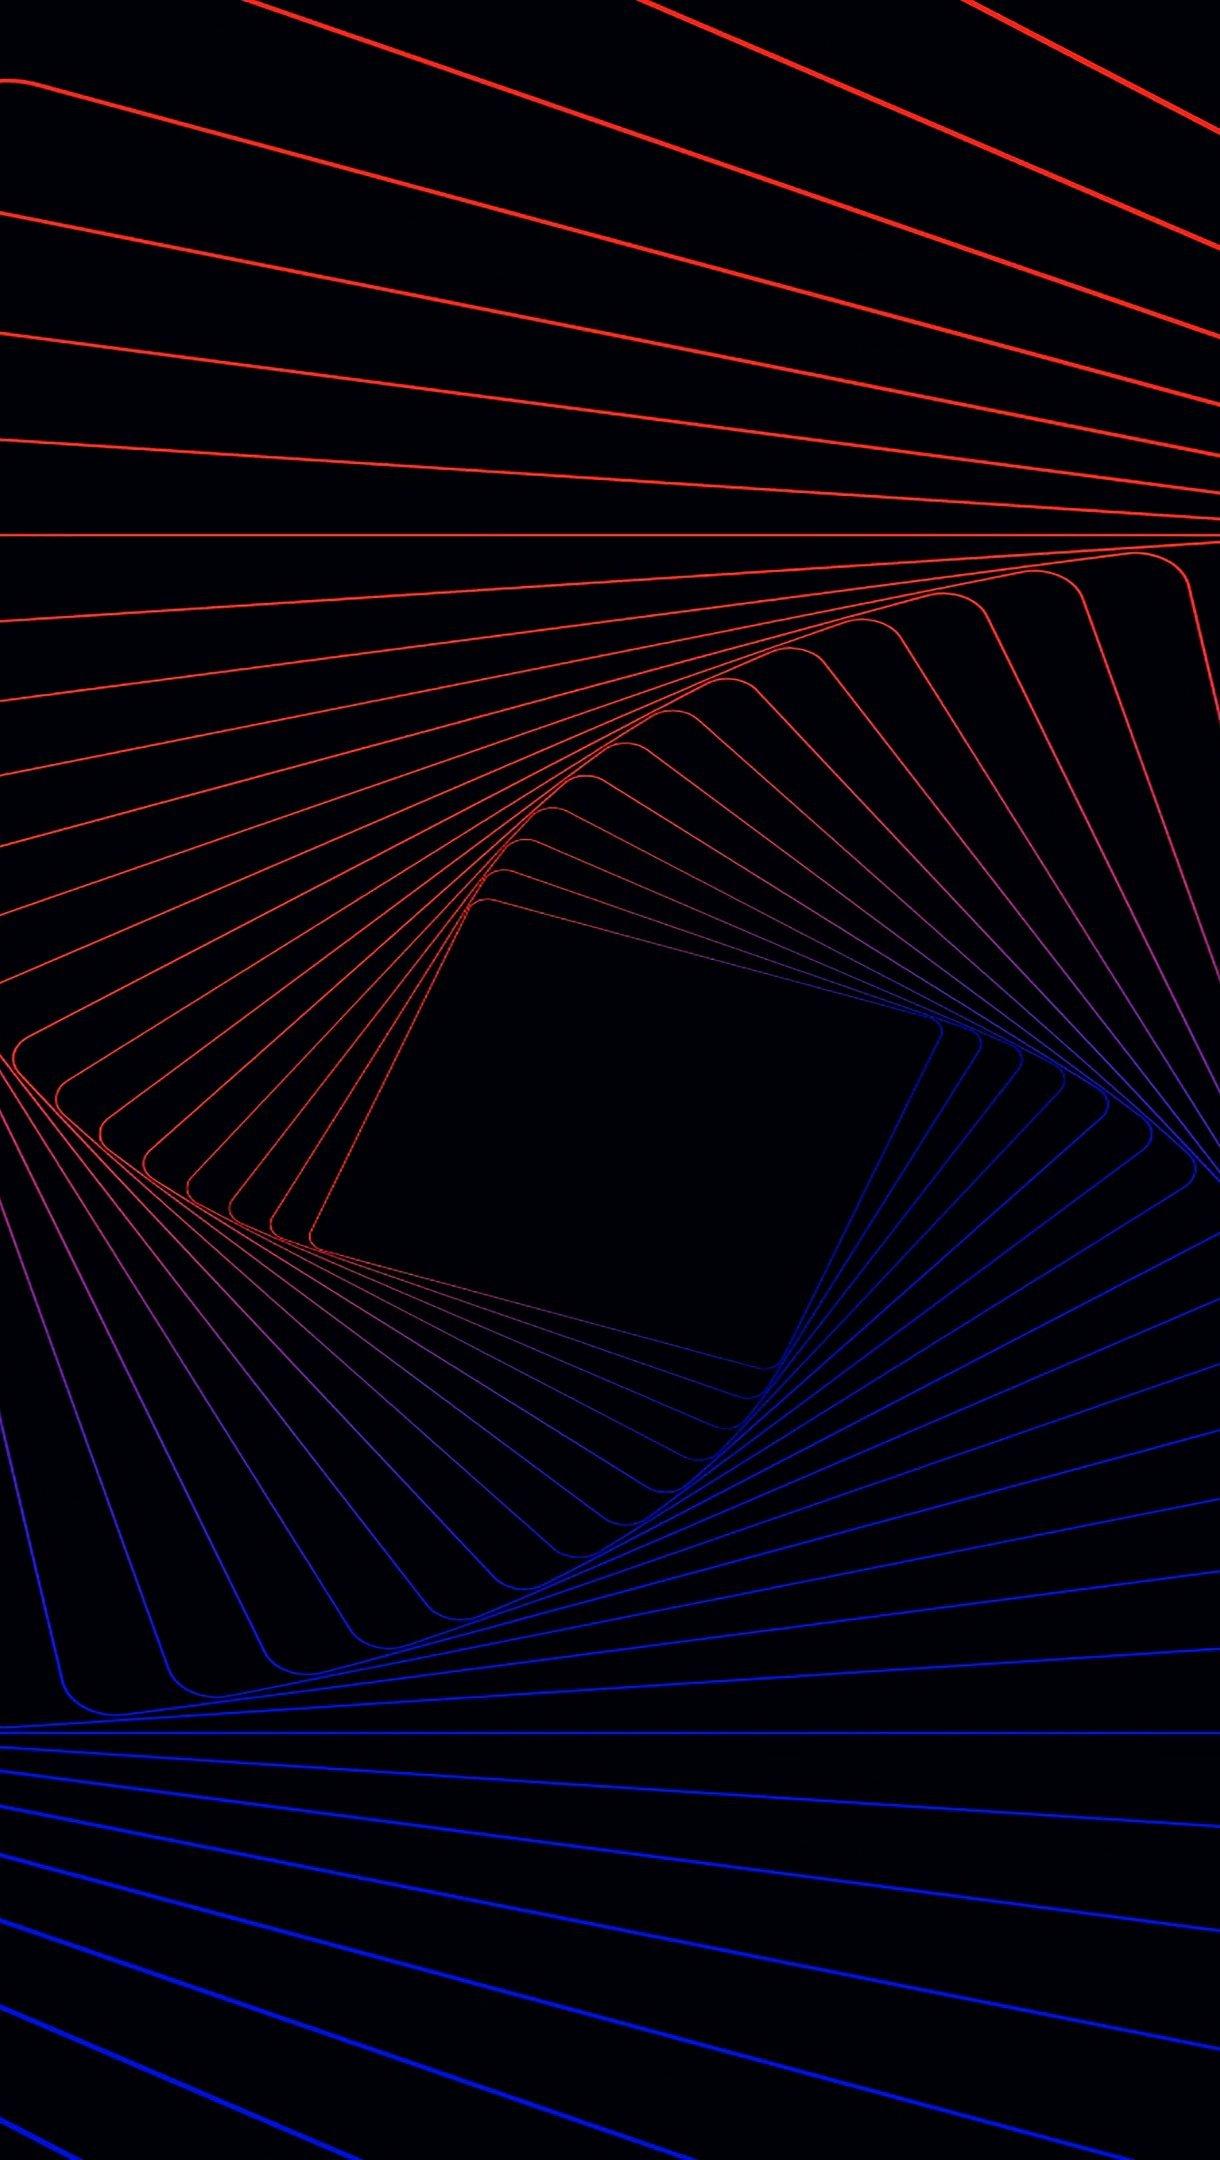 Wallpaper 3D Spiral pattern Vertical